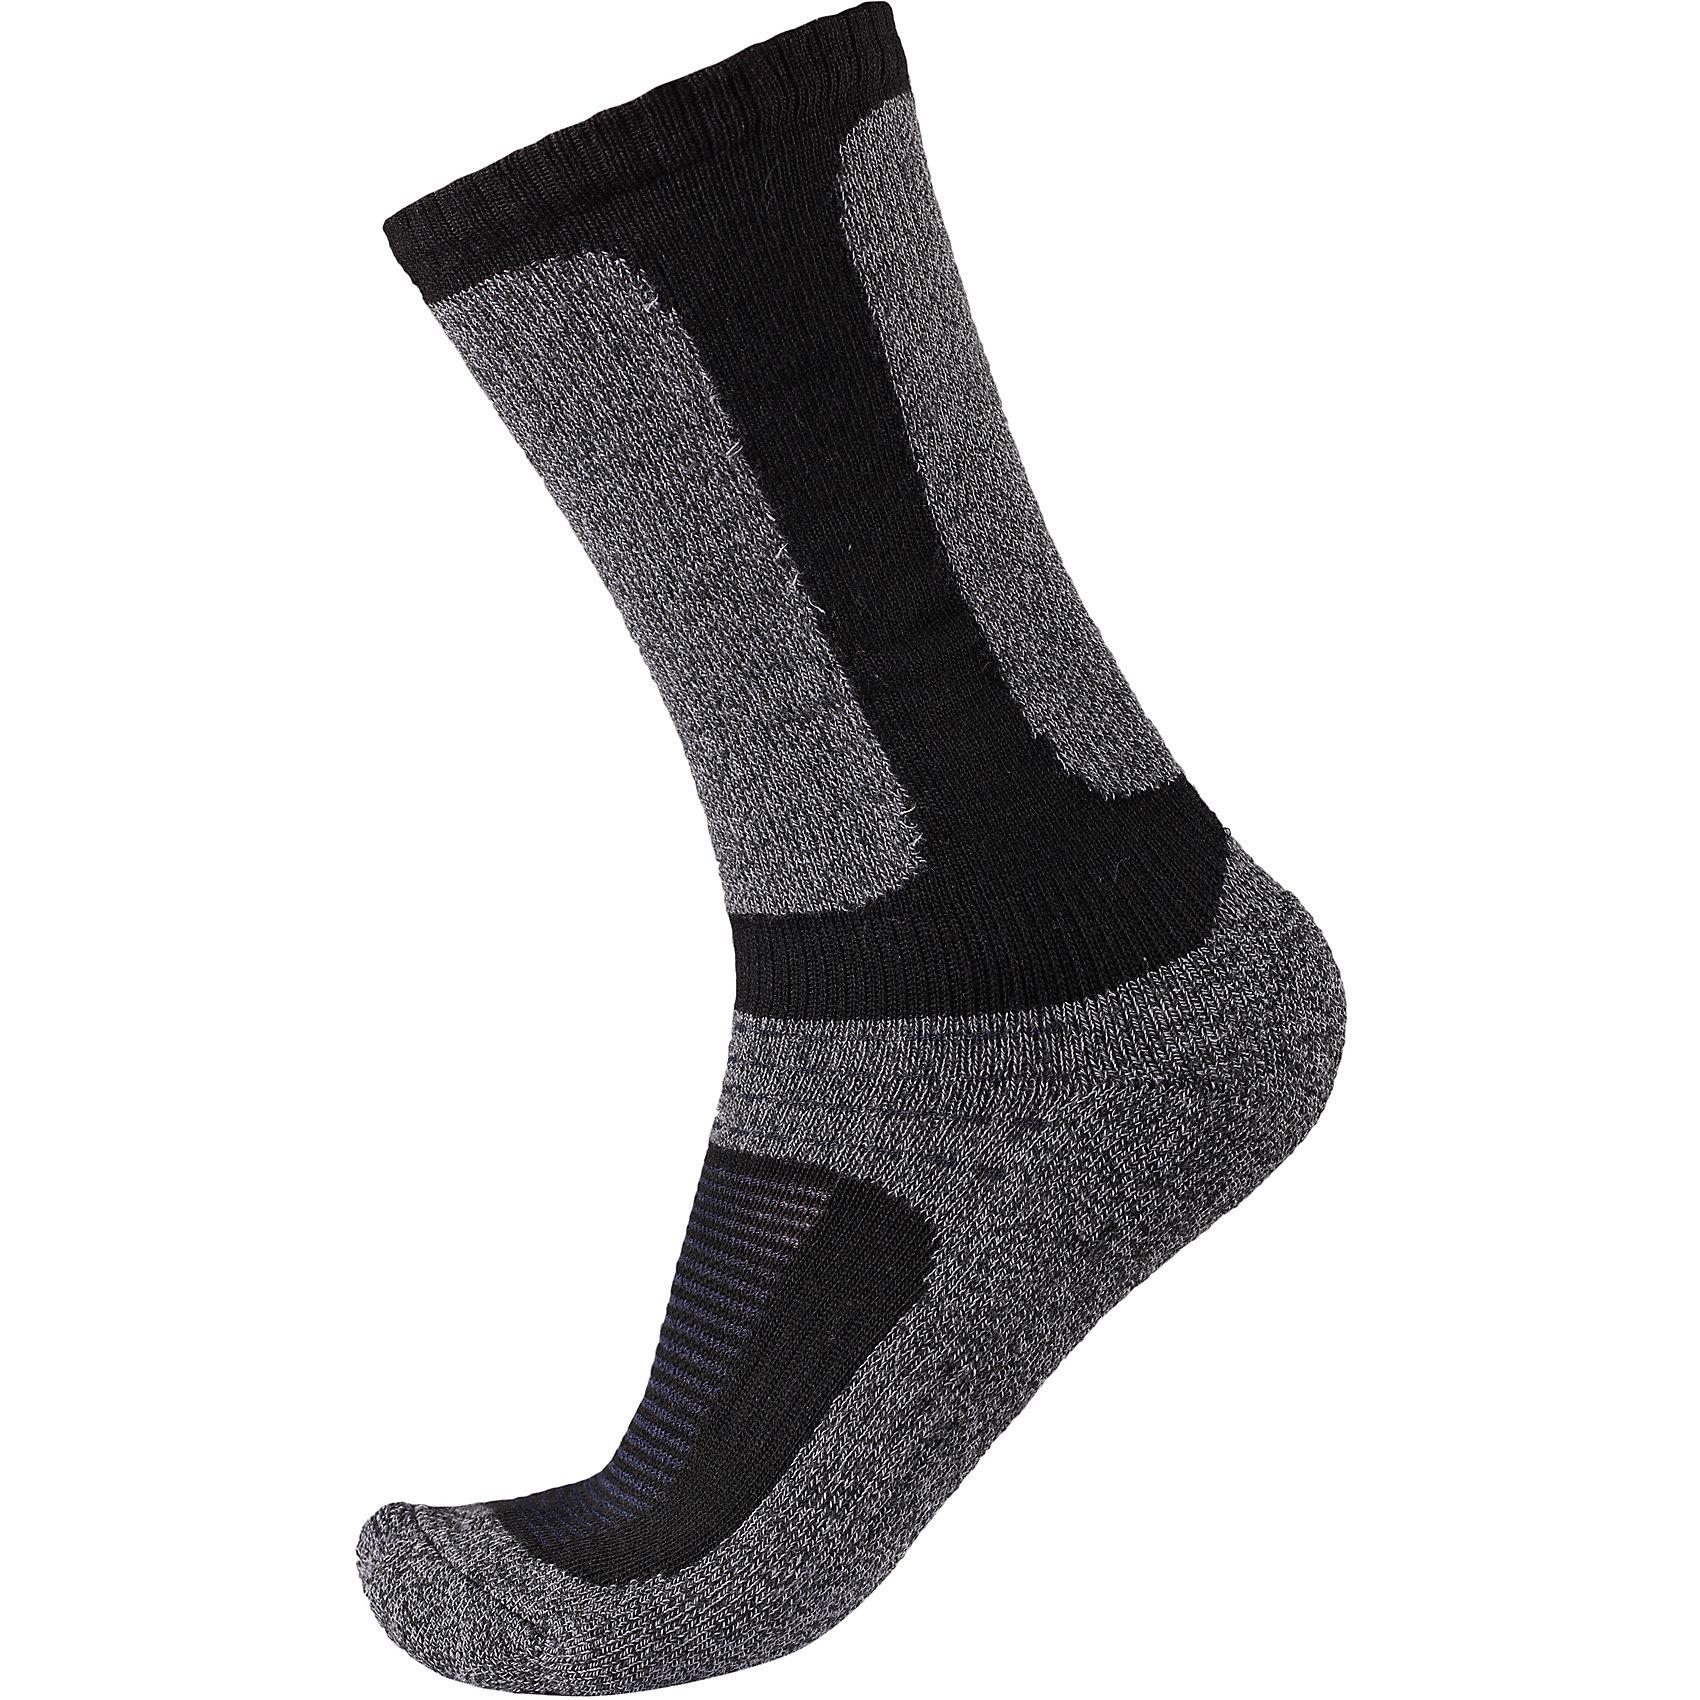 Носки Loma для мальчика ReimaНоски<br>Носки  Reima<br>Носки для детей и подростков. Coolmax® отводит влагу, а шерсть сохраняет тепло. Мягкий теплый футер с внутренней стороны для максимального комфорта. Накладки на ступнях, лодыжках и больших пальцах. Благодаря удлиненной вязаной резинке носок не съезжает. Быстро сохнет и сохраняет тепло.<br>Уход:<br>0<br>Состав:<br>24% Шерсть, 66% полиэстер COOLMAX®, 5% эластан, 5% полиамид<br><br>Ширина мм: 87<br>Глубина мм: 10<br>Высота мм: 105<br>Вес г: 115<br>Цвет: черный/серый<br>Возраст от месяцев: 24<br>Возраст до месяцев: 36<br>Пол: Мужской<br>Возраст: Детский<br>Размер: 26,38,30,34<br>SKU: 4774955